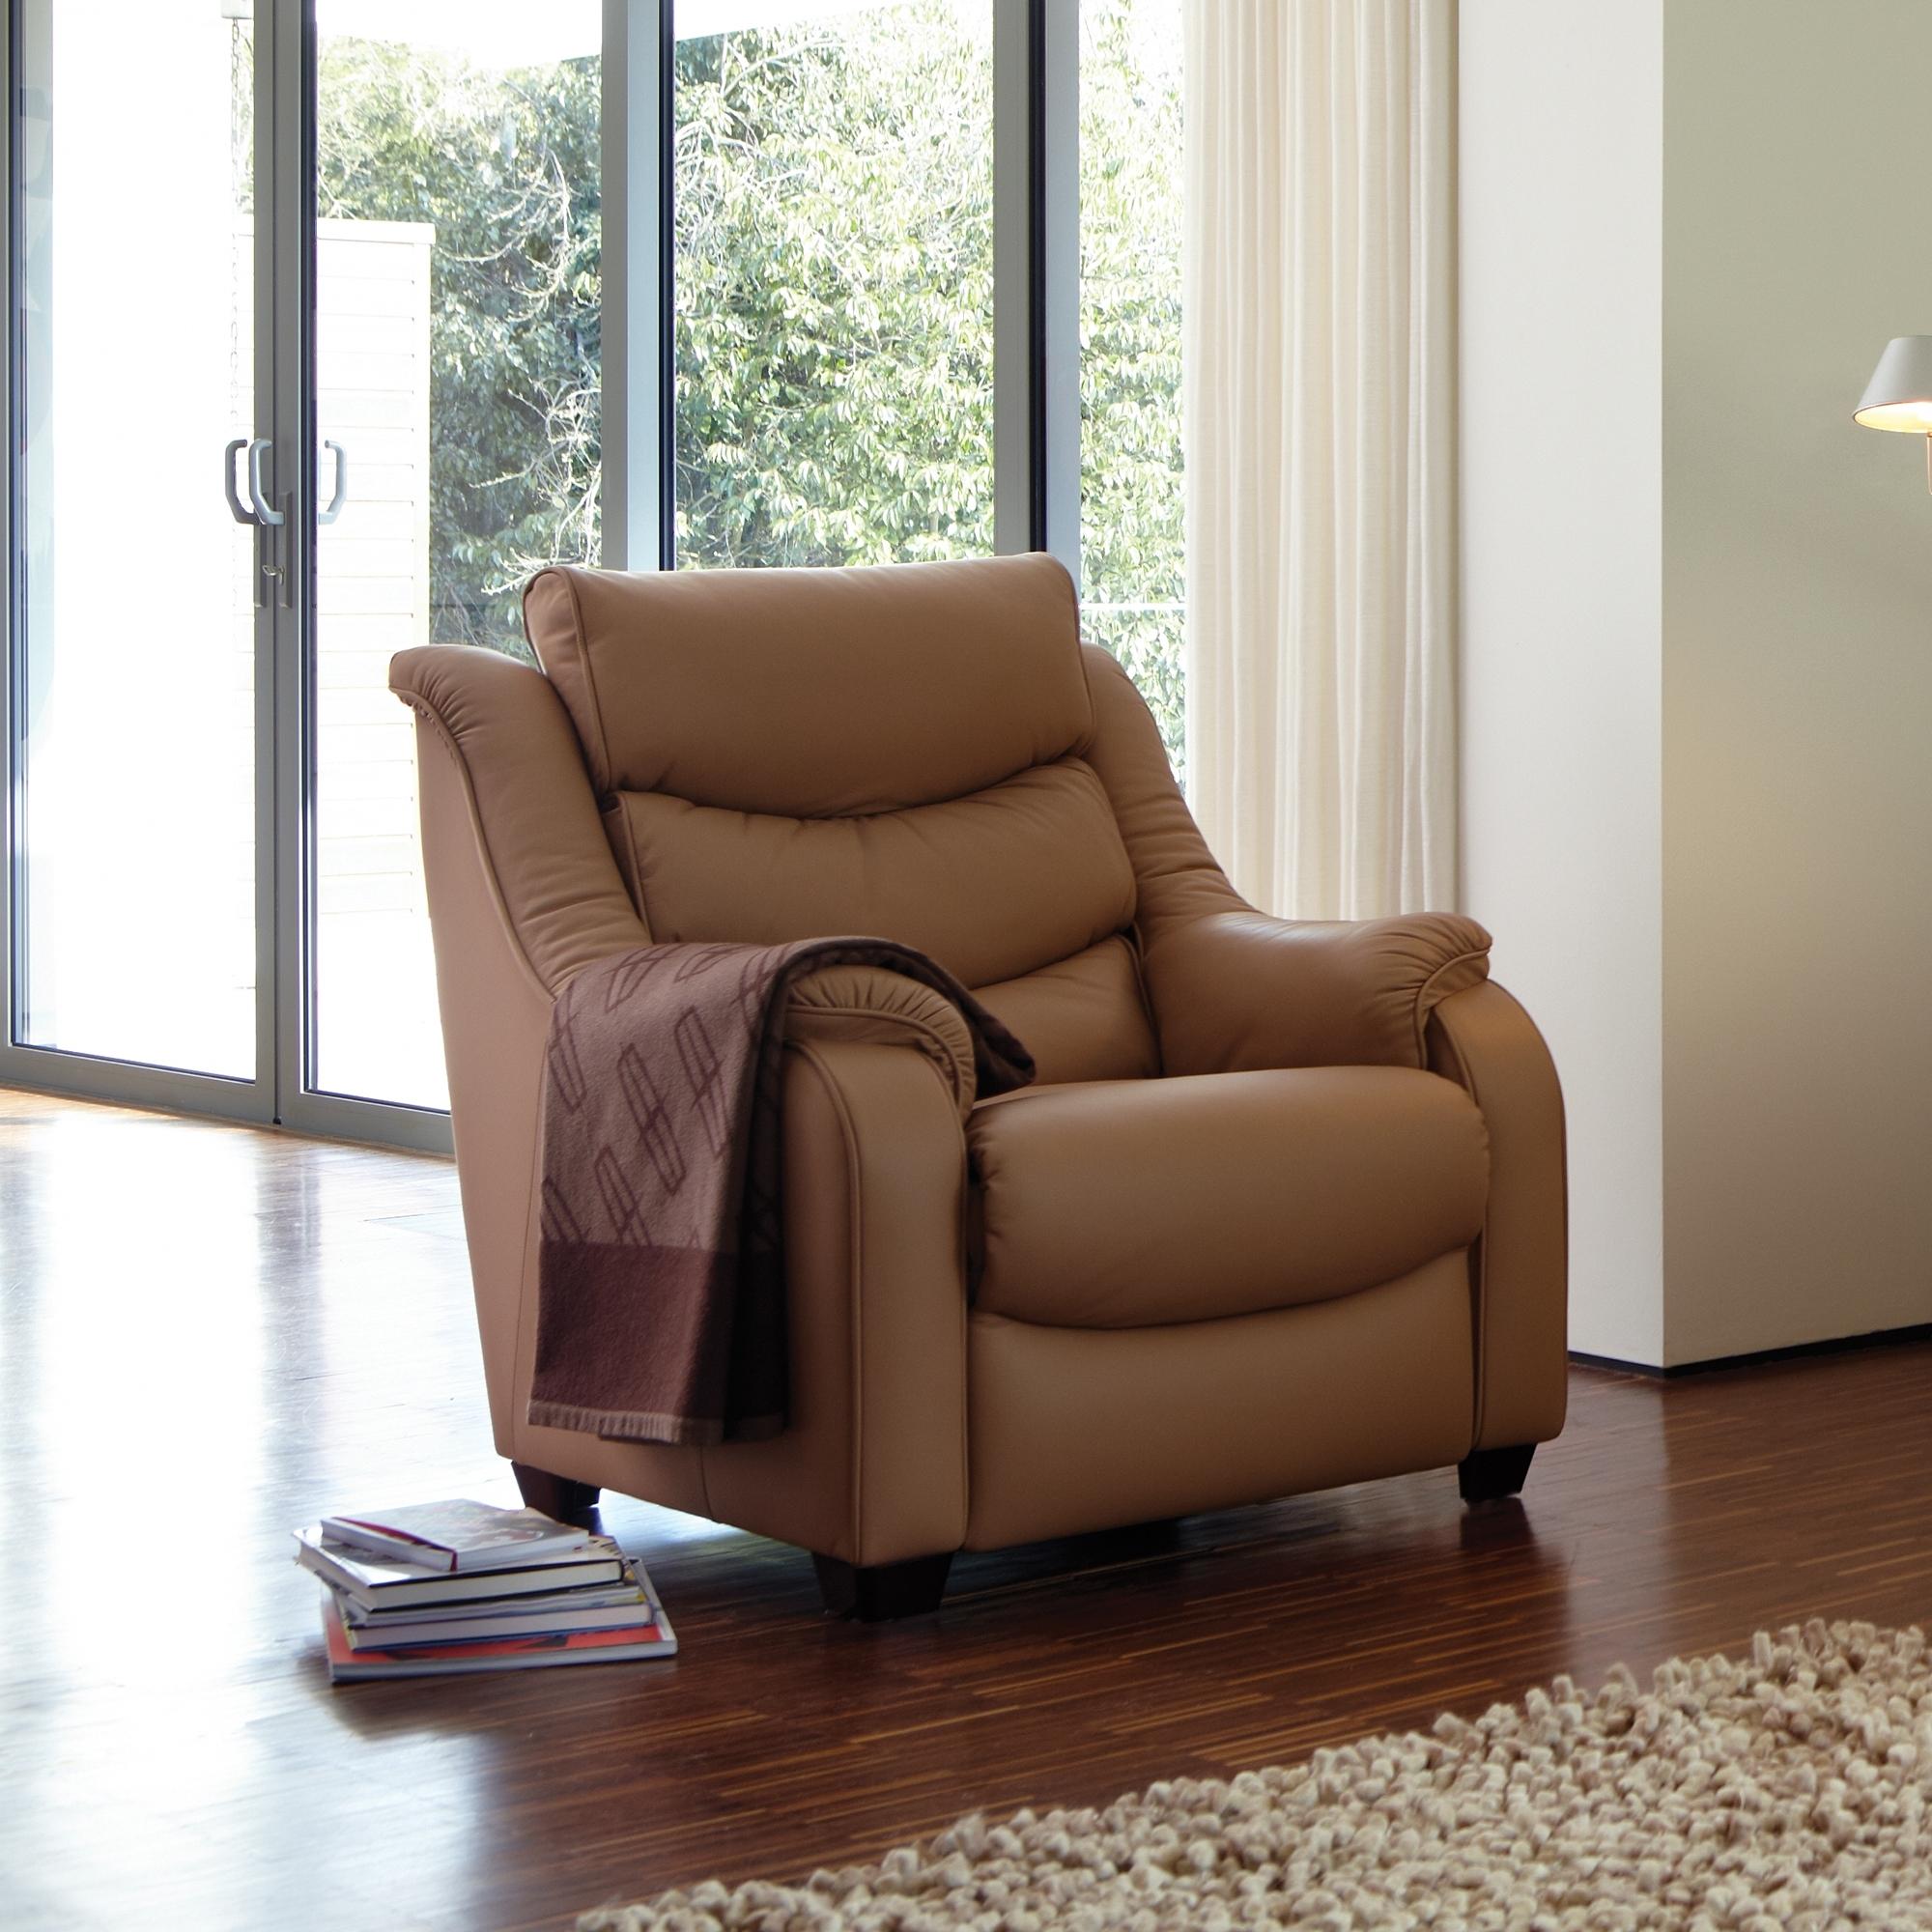 Bedroom Recliner Chairs Bedroom Furniture Floor Plan Cream Carpet Bedroom Bedroom Bench Uk: Parker Knoll Denver Armchair